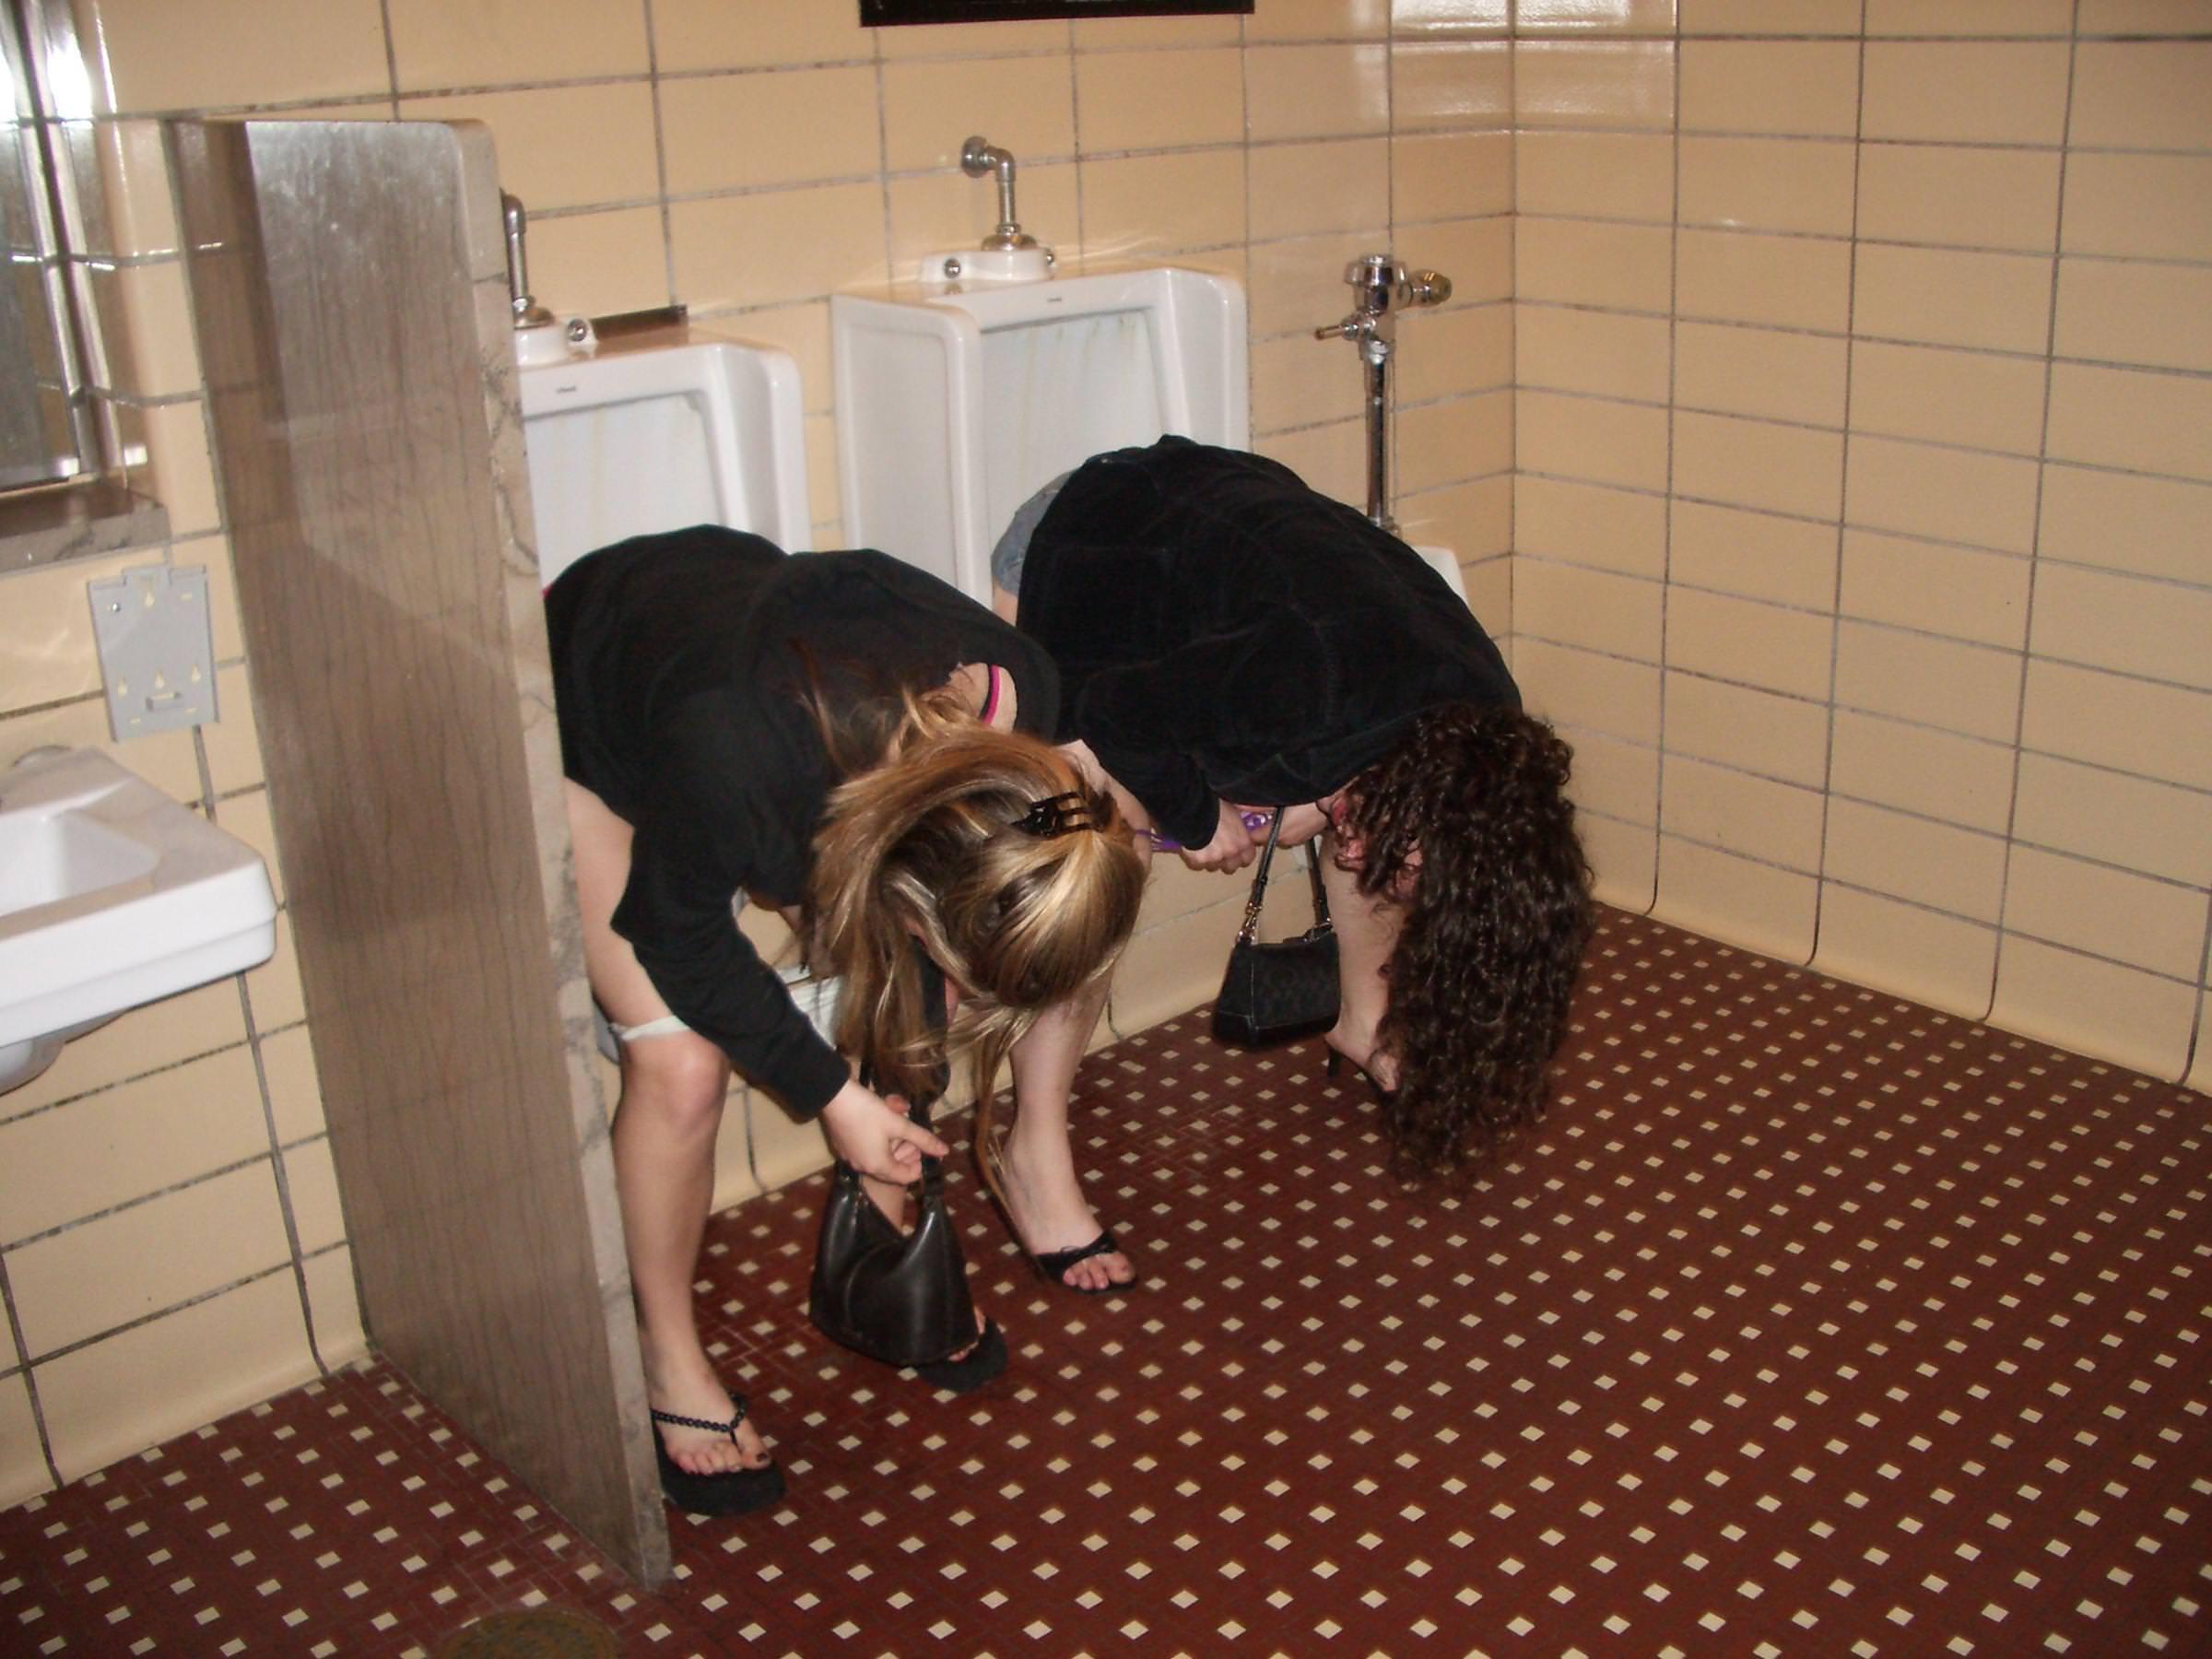 仲良し素人女子が連れションしている放尿エロ画像 448